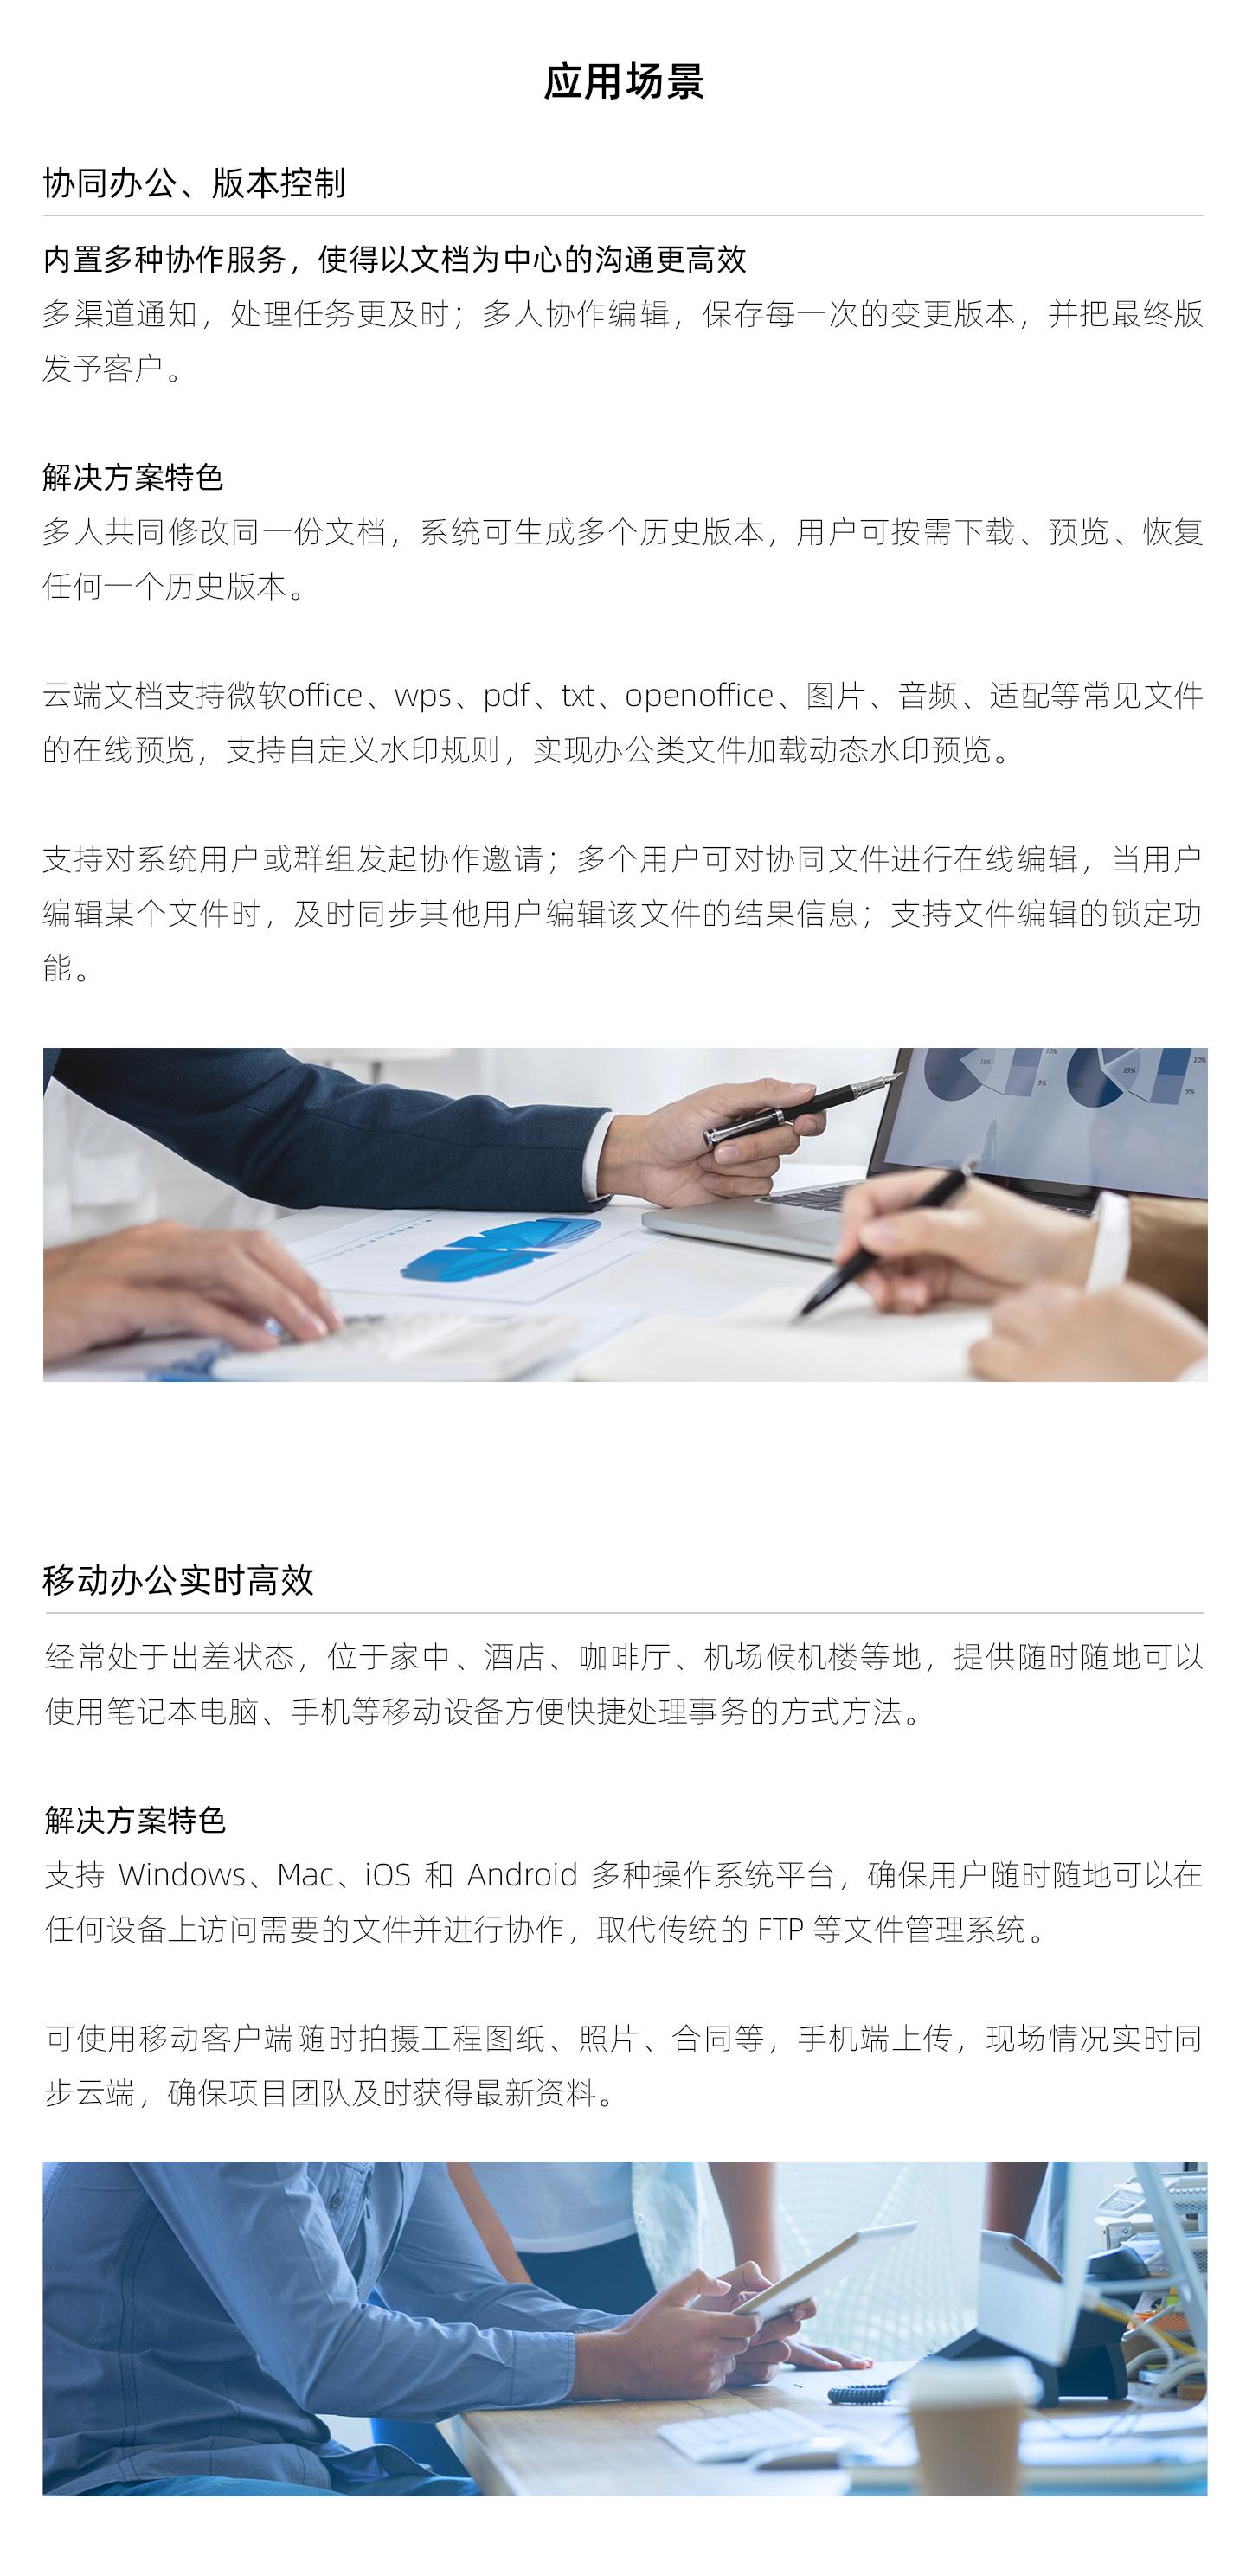 企业云盘解决方案-1440_04.jpg